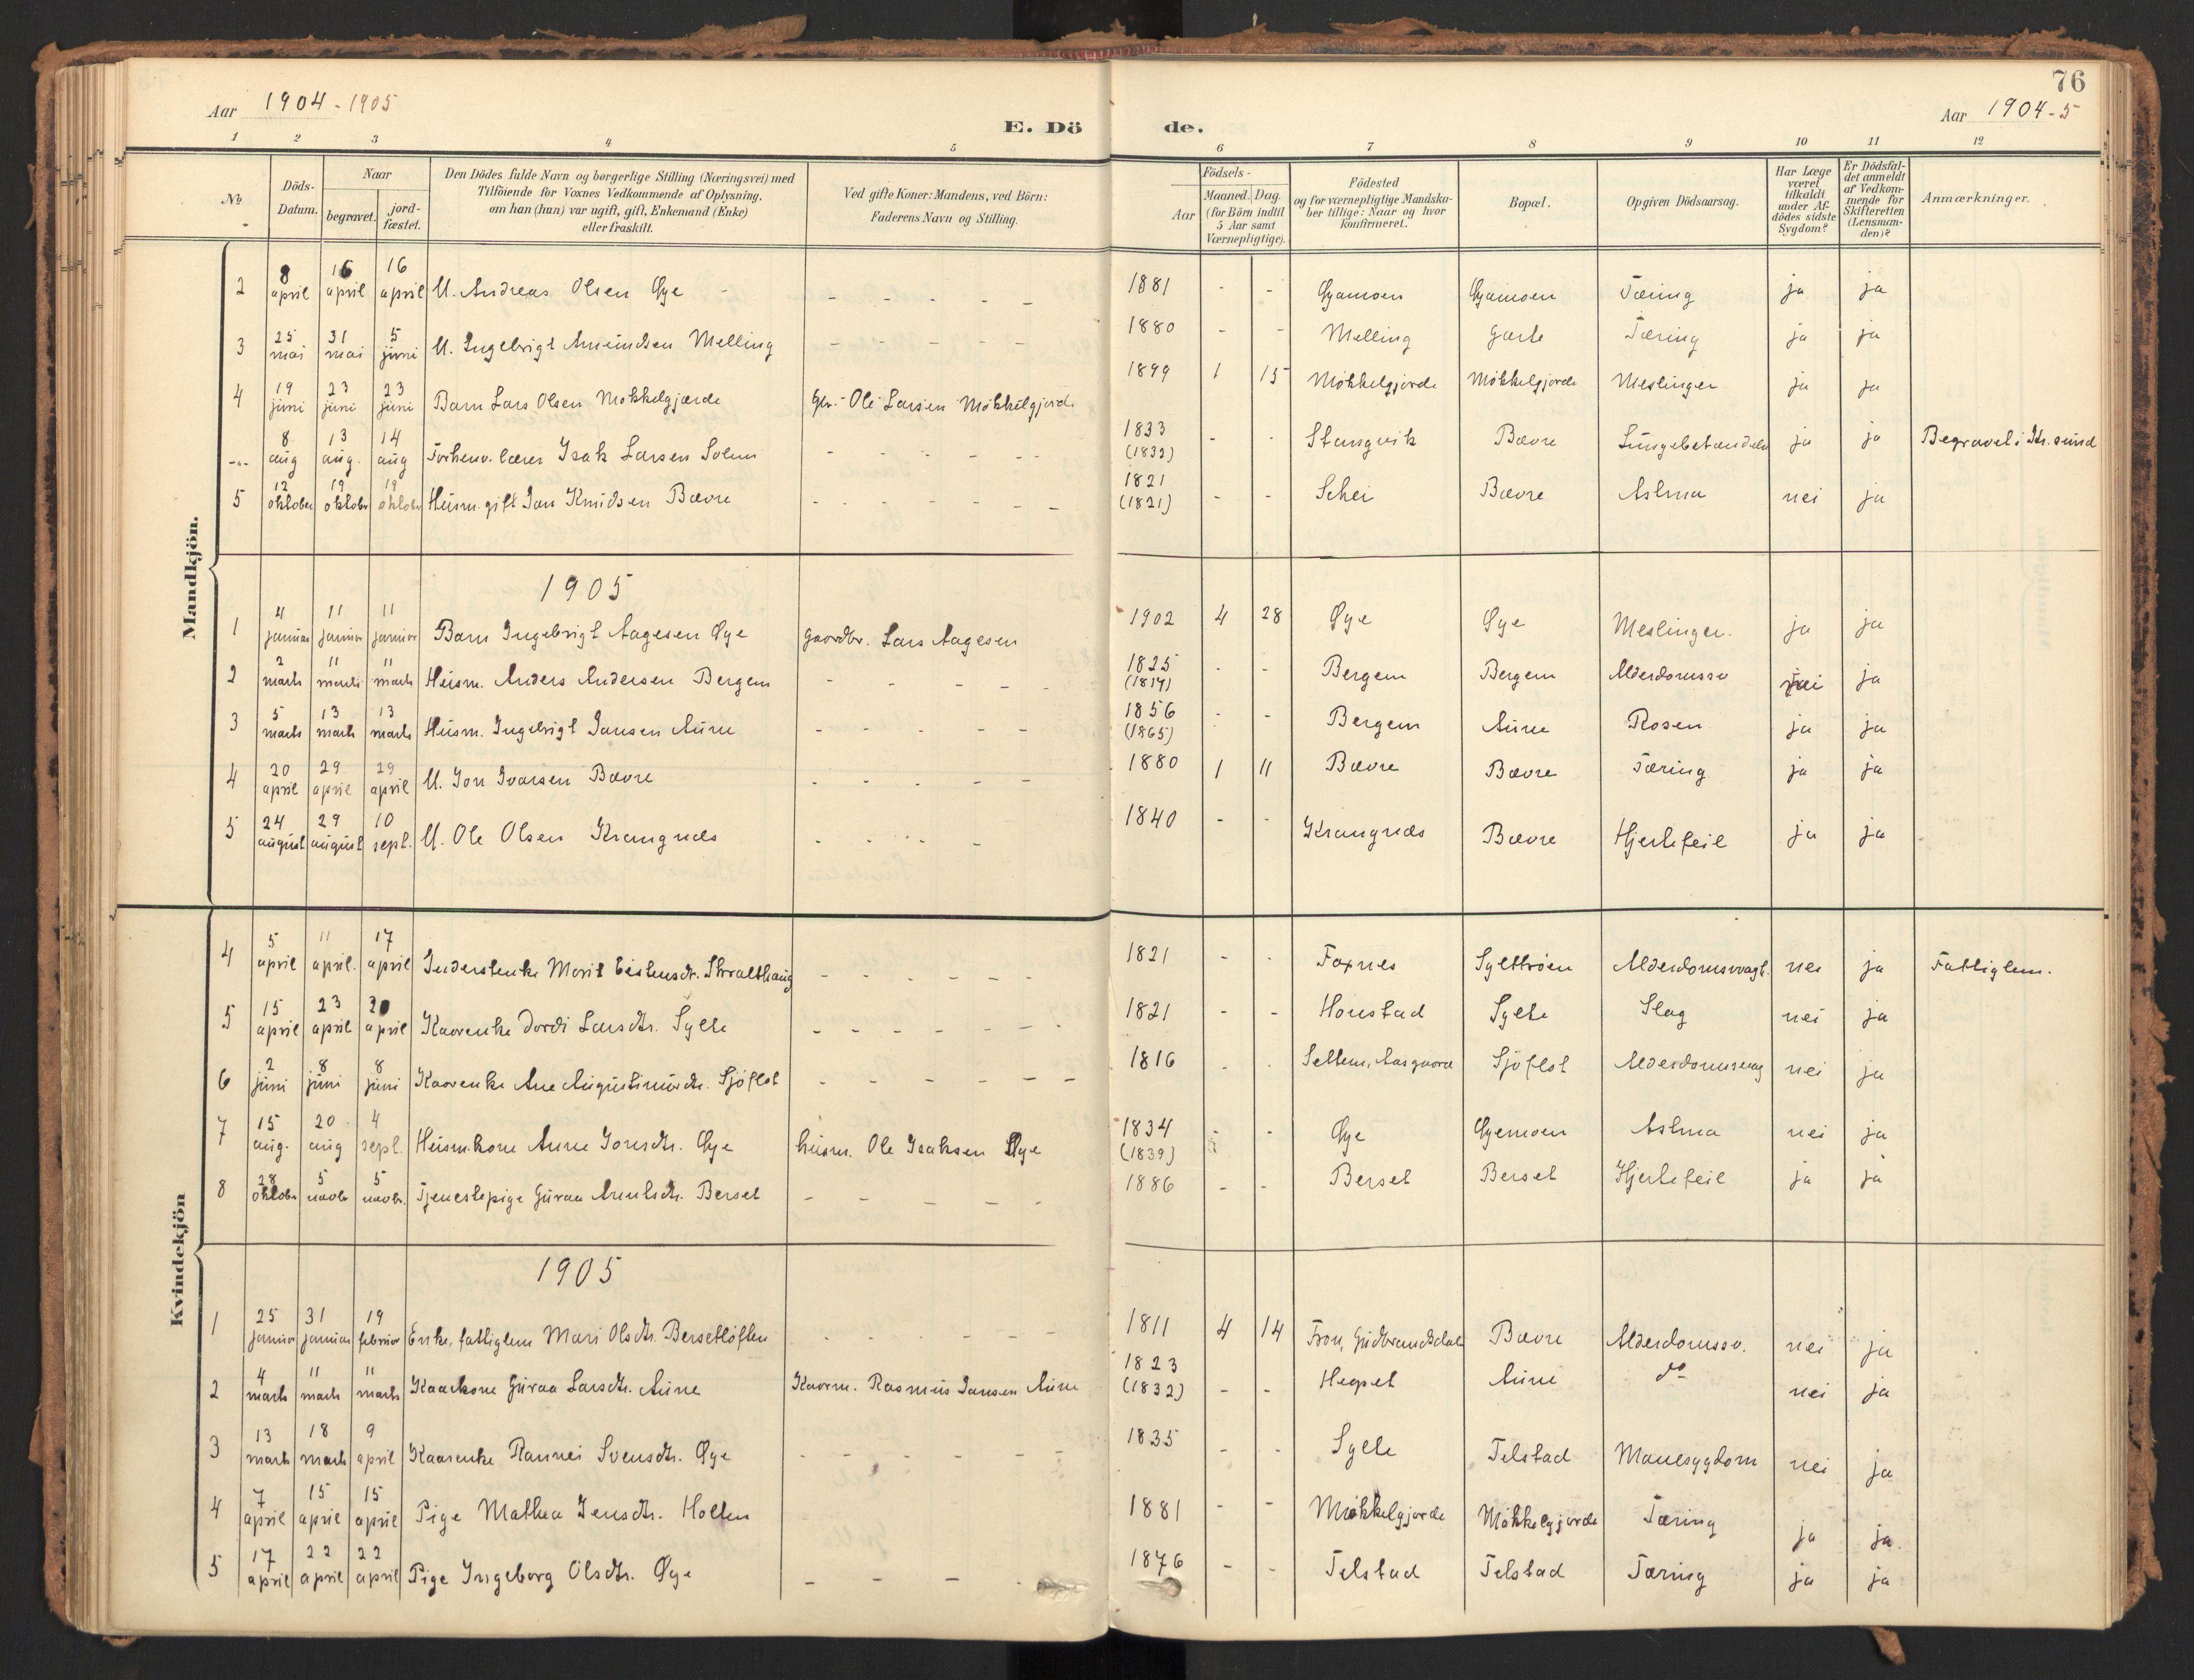 SAT, Ministerialprotokoller, klokkerbøker og fødselsregistre - Møre og Romsdal, 595/L1048: Ministerialbok nr. 595A10, 1900-1917, s. 76